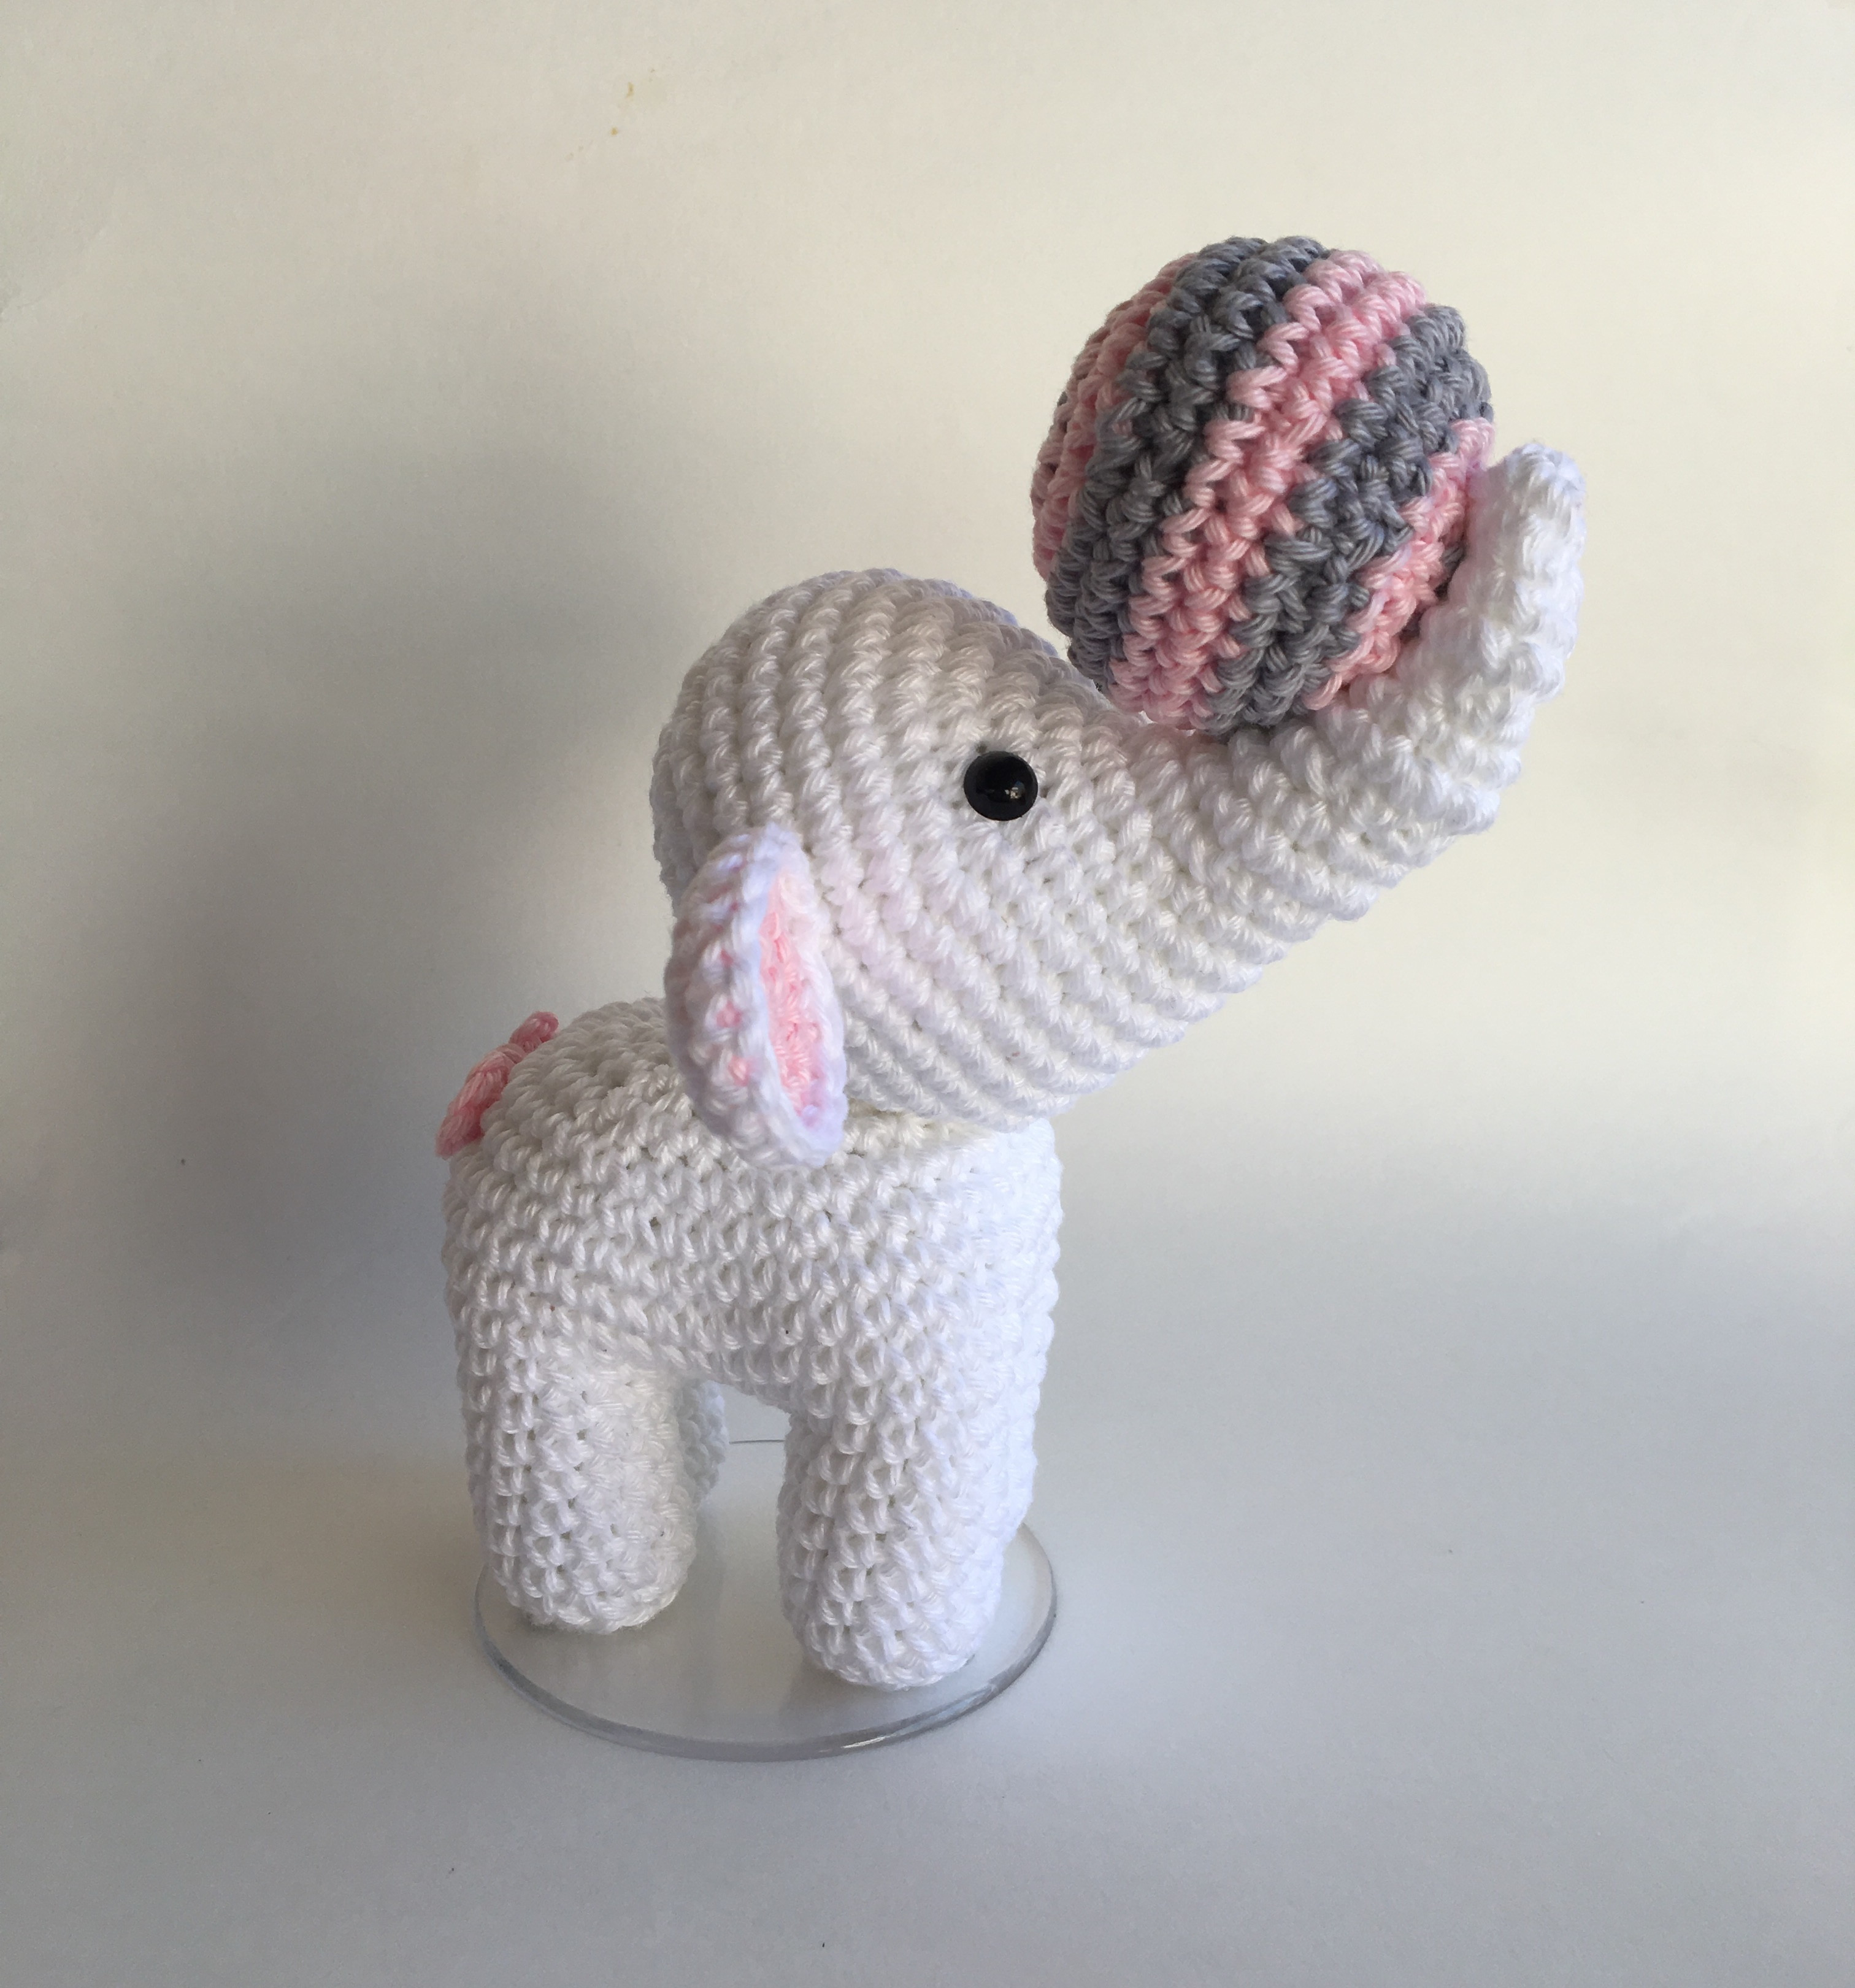 Elefante em crochê (Amigurumi) | Bichinhos de croche, Modelos de ... | 3241x3024